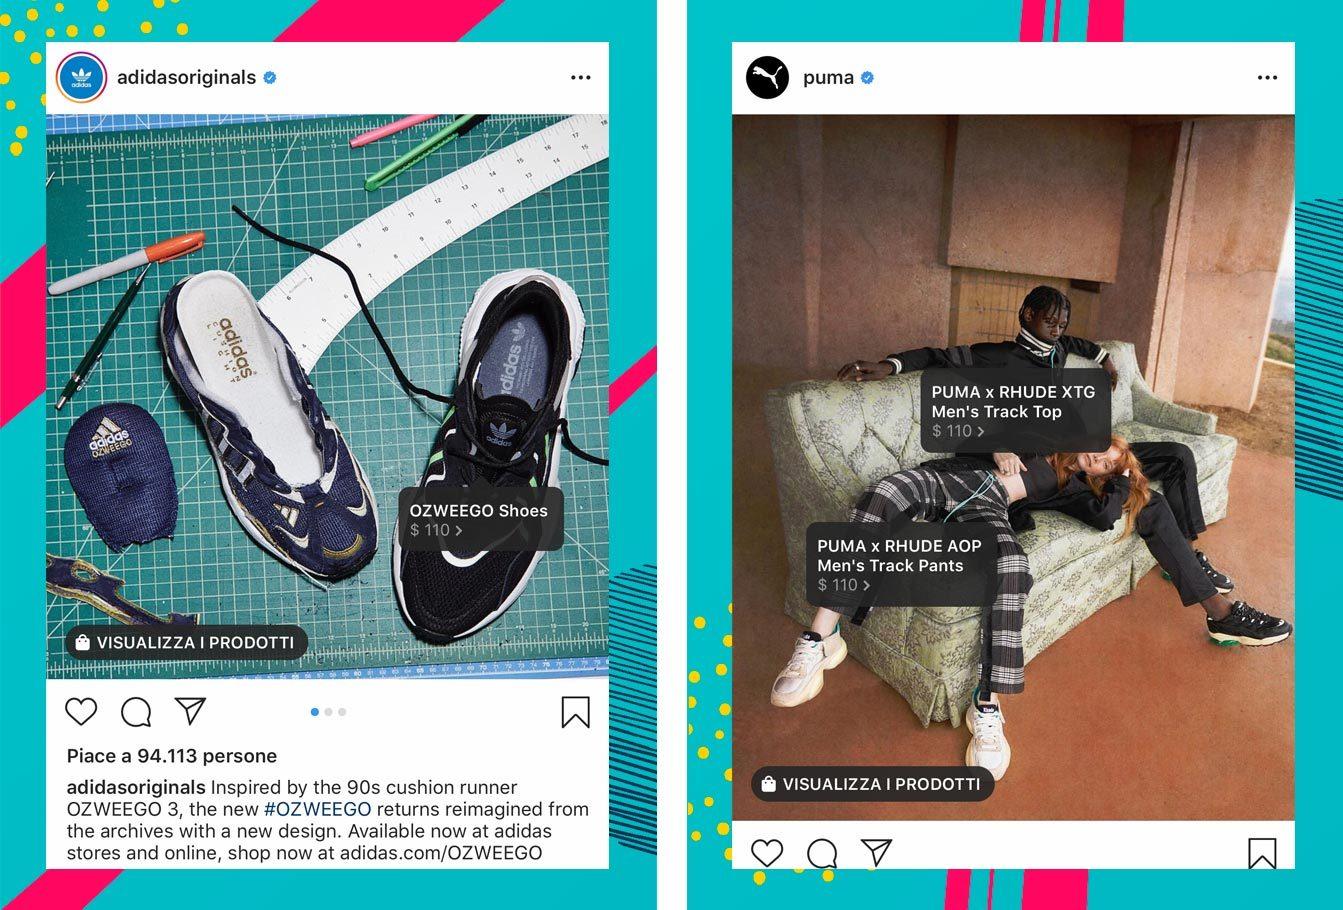 Esempi Instagram Shopping sport